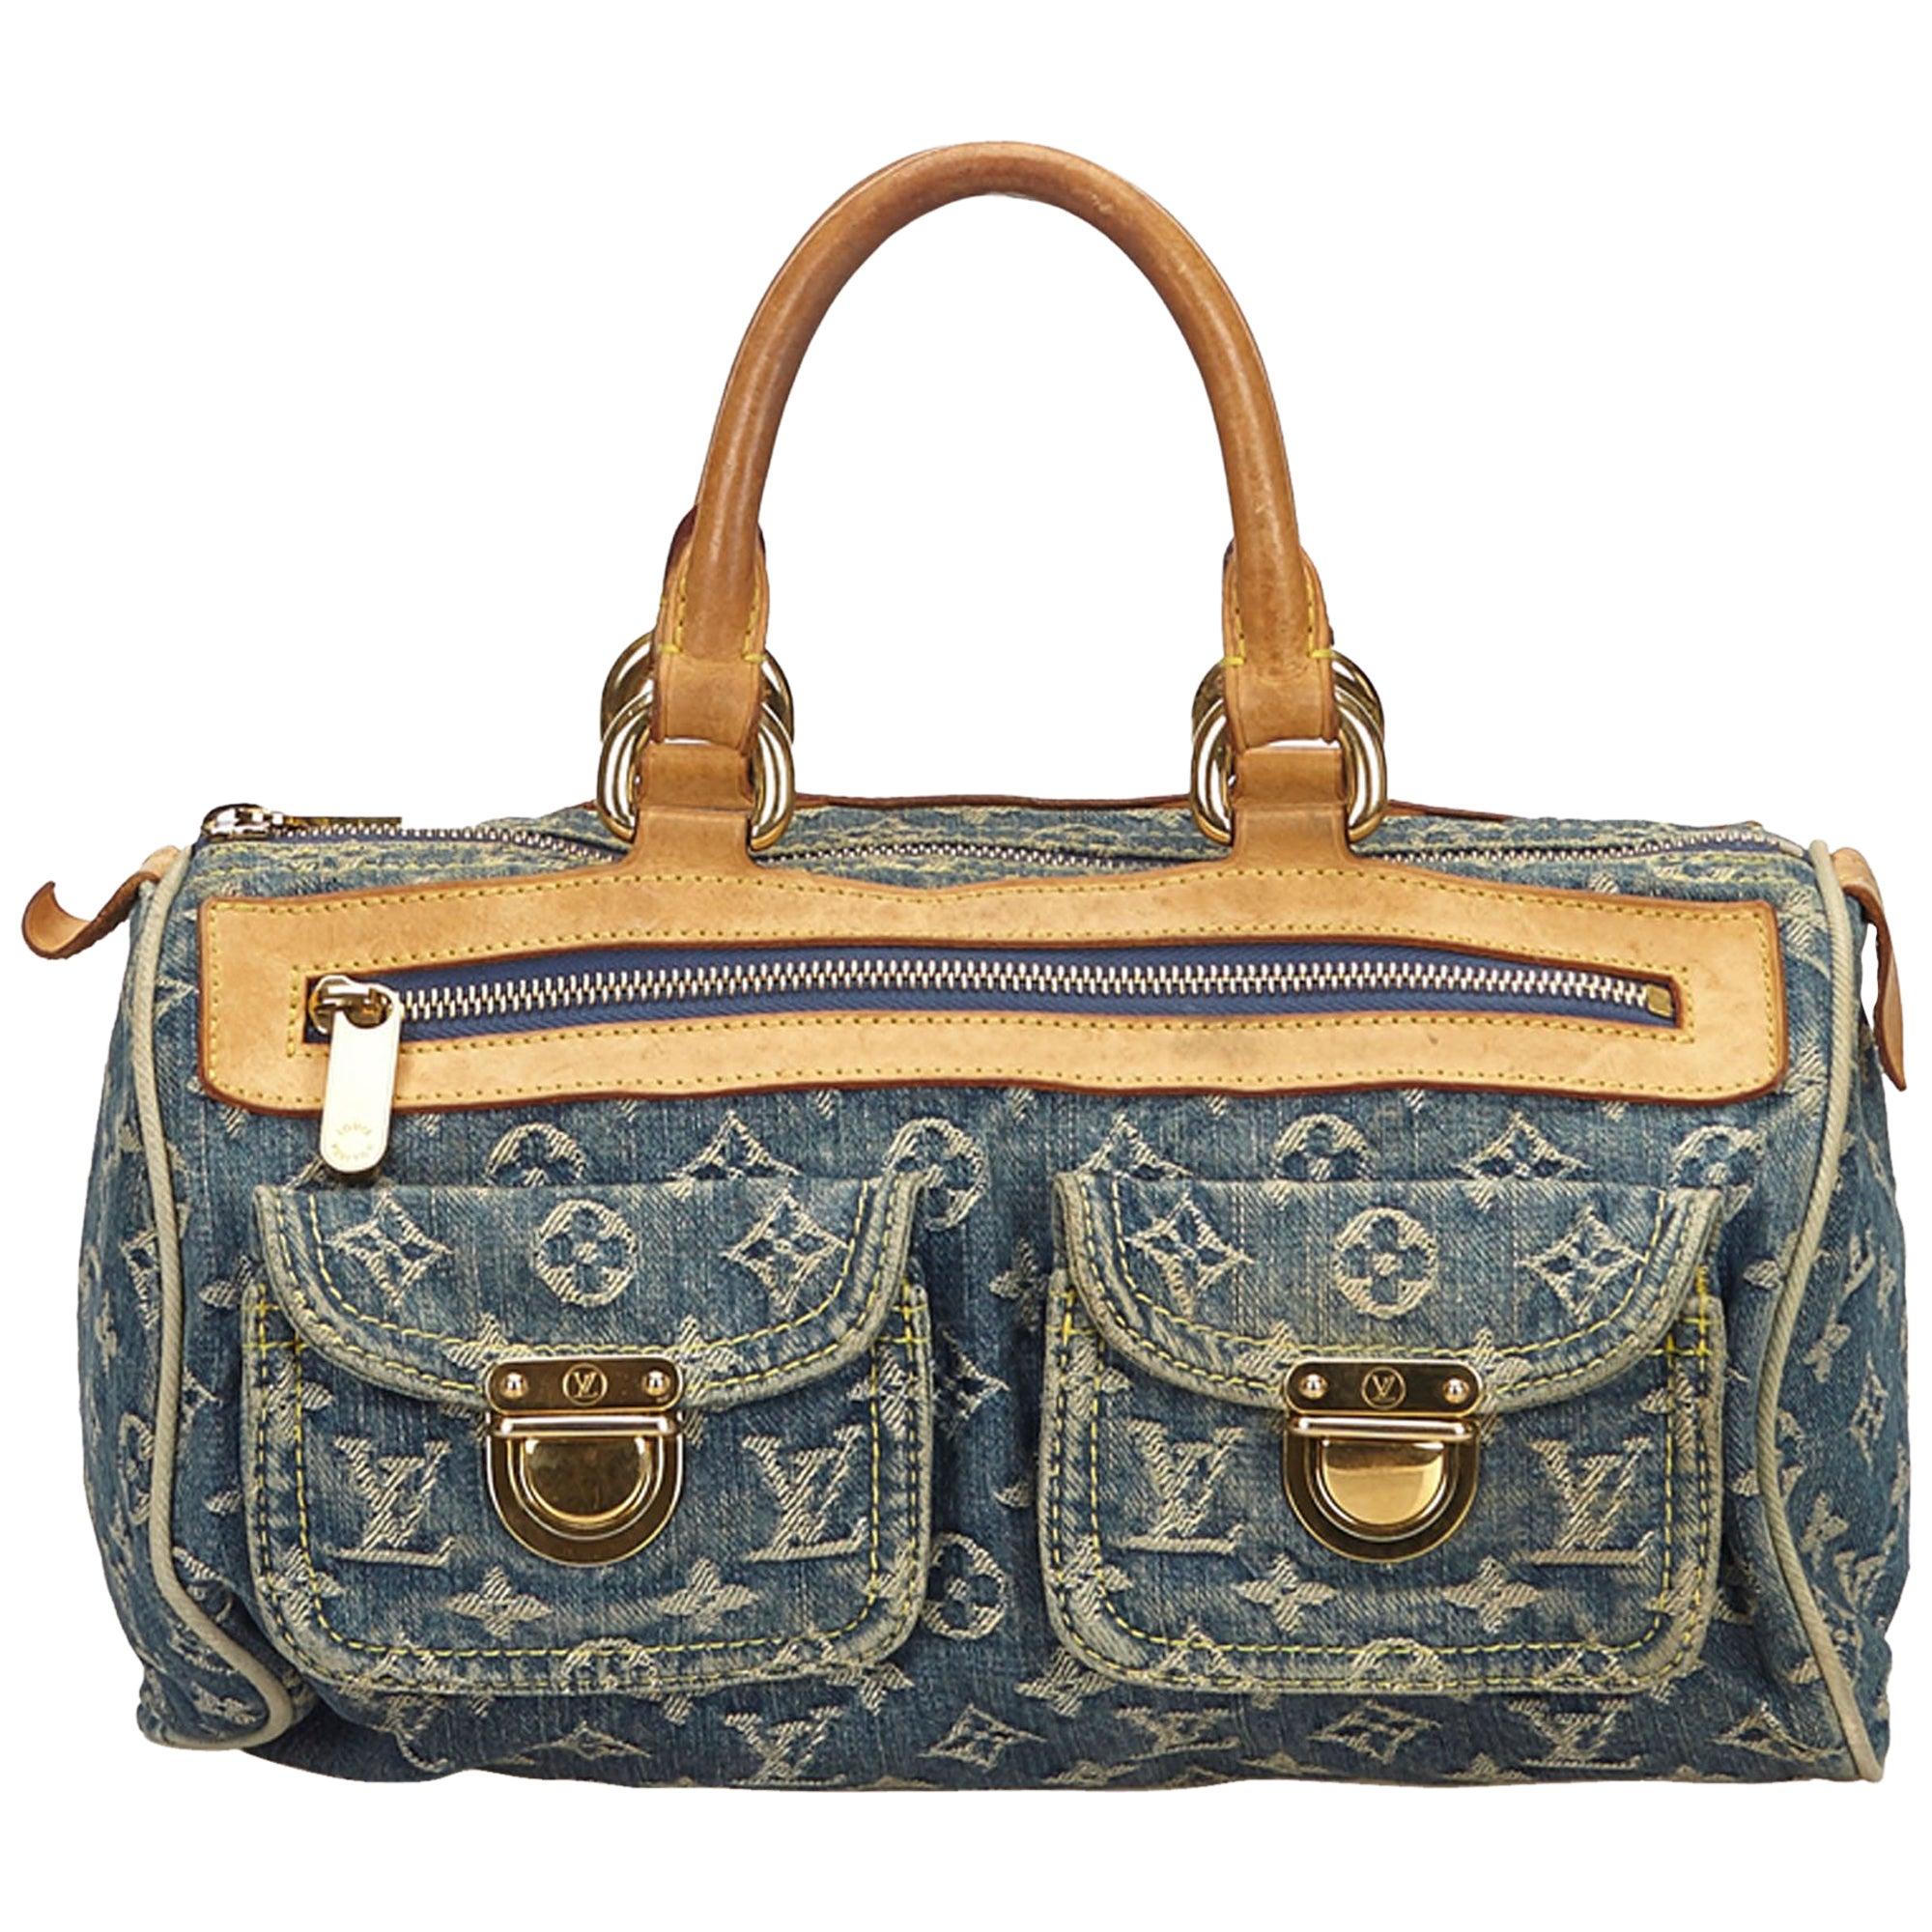 c7c785ffe157 Louis Vuitton Denim x Brown Monogram Denim Neo Speedy For Sale at 1stdibs